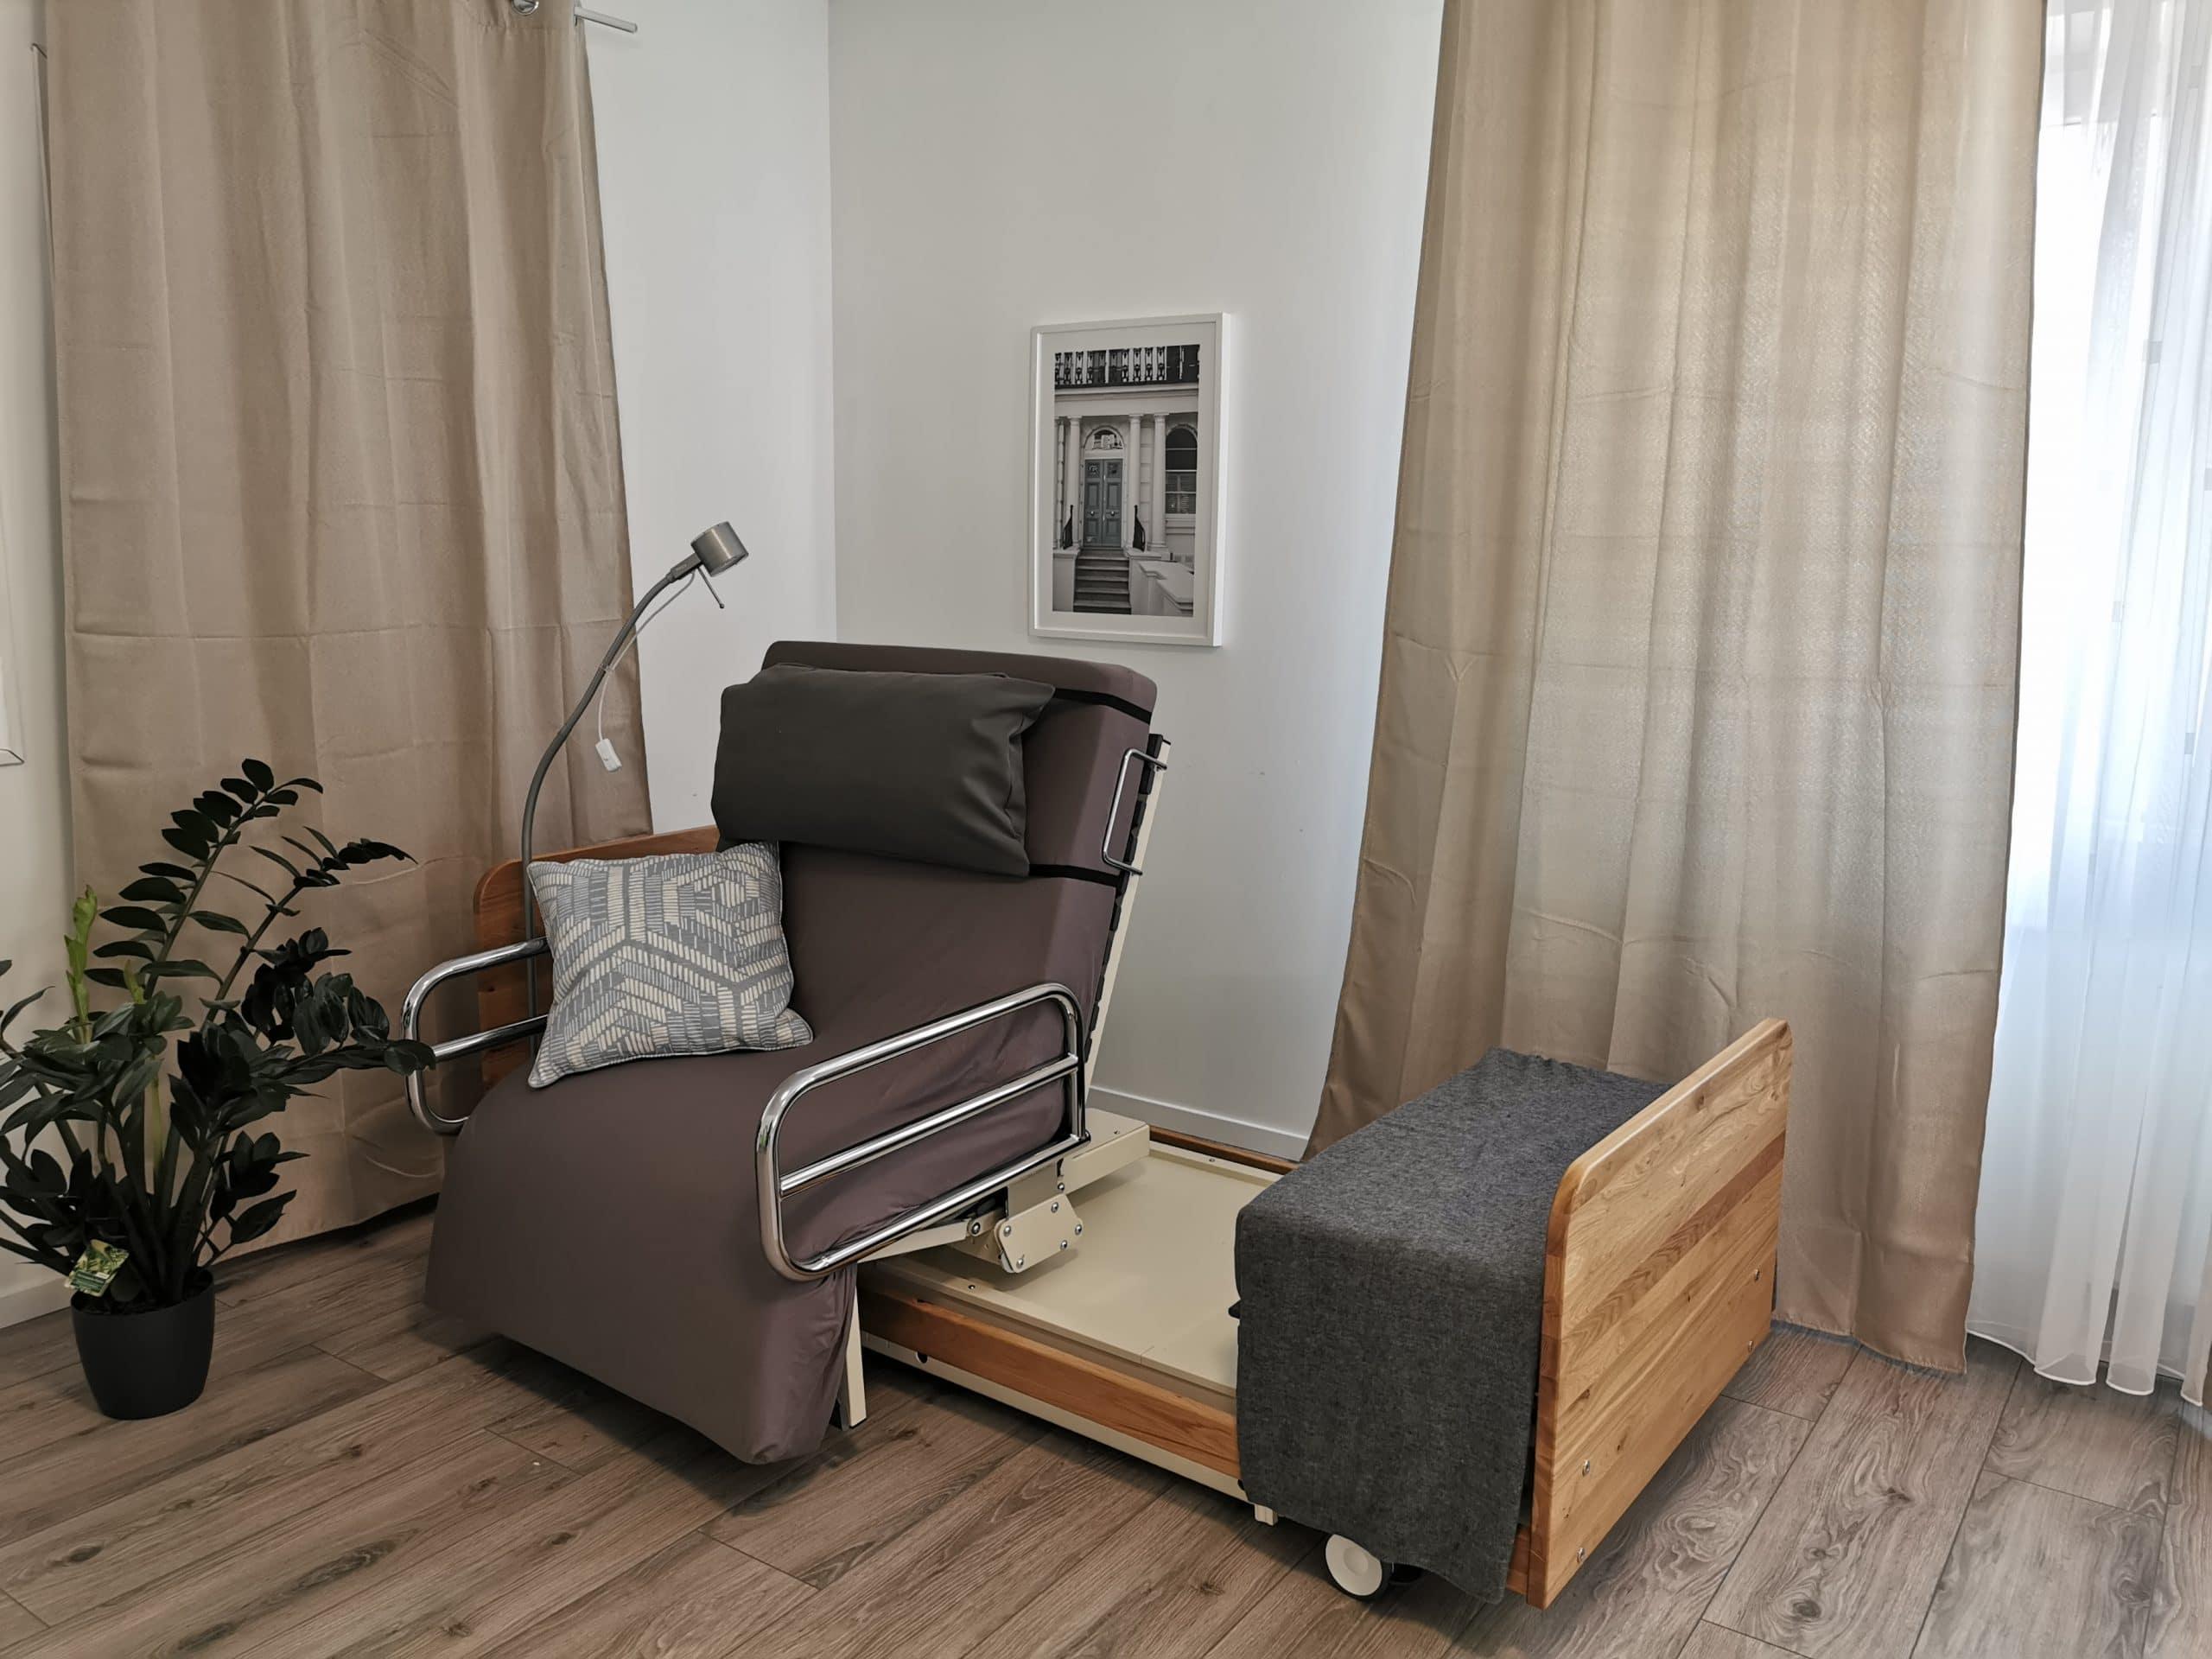 INDREA Aufsteh- und Pflegebett im edlen Eichen Design